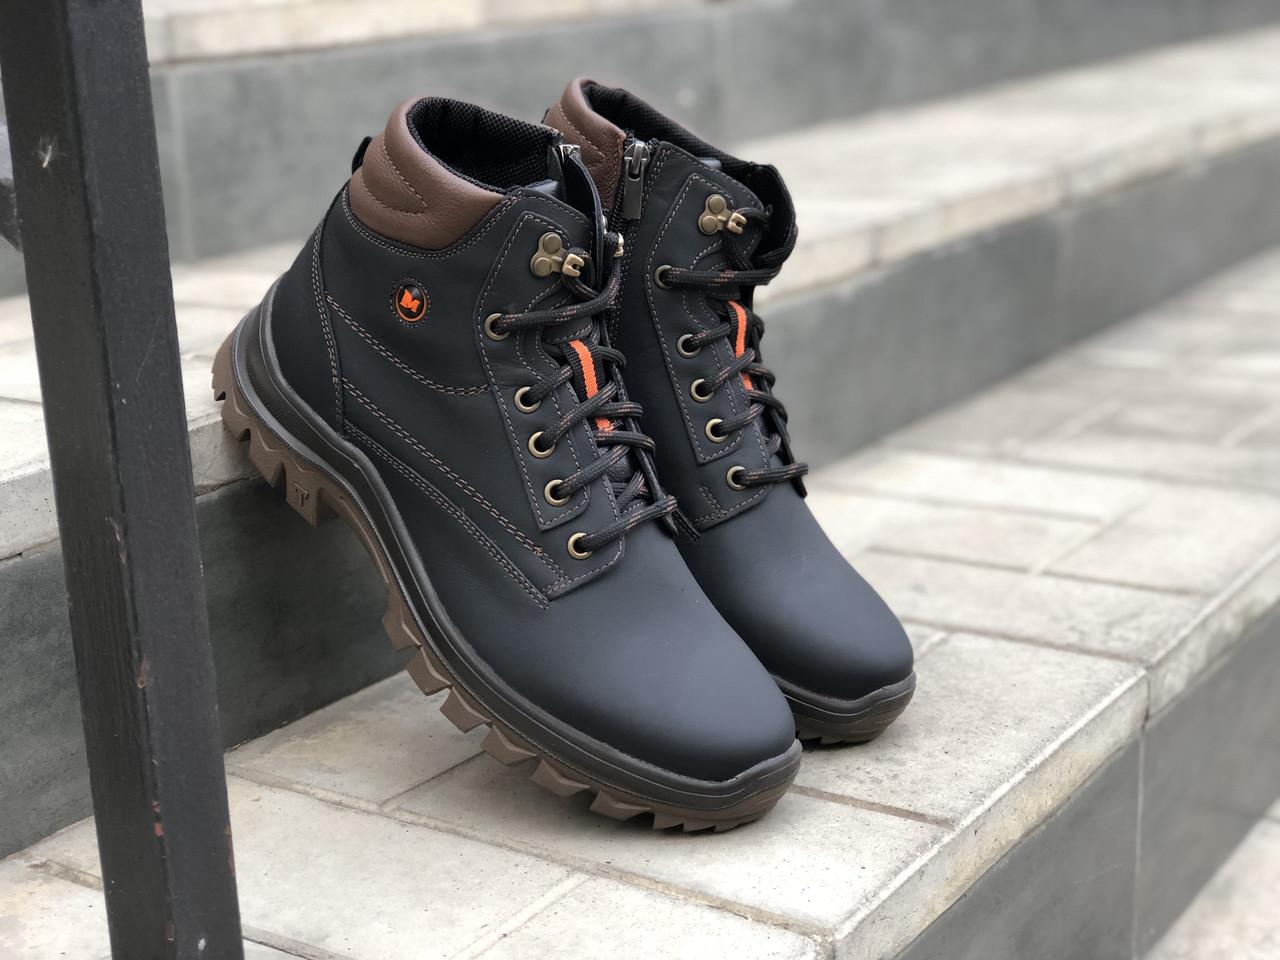 Зимние мужские ботинки Кожаные Mida 14806 ч/к размеры 40,41,42,43,44,45